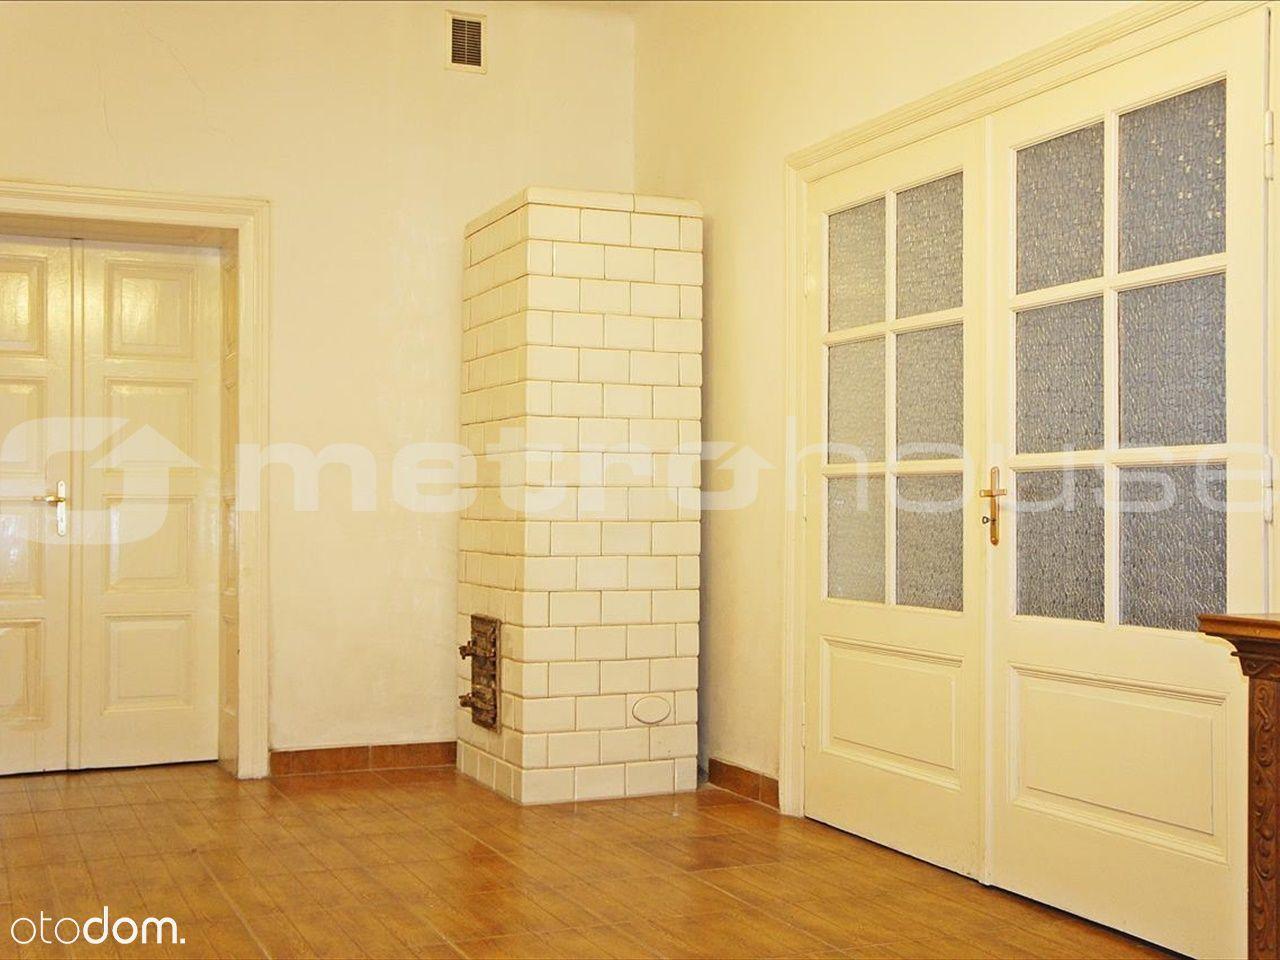 Dom na sprzedaż, Ujazdowo, ciechanowski, mazowieckie - Foto 1